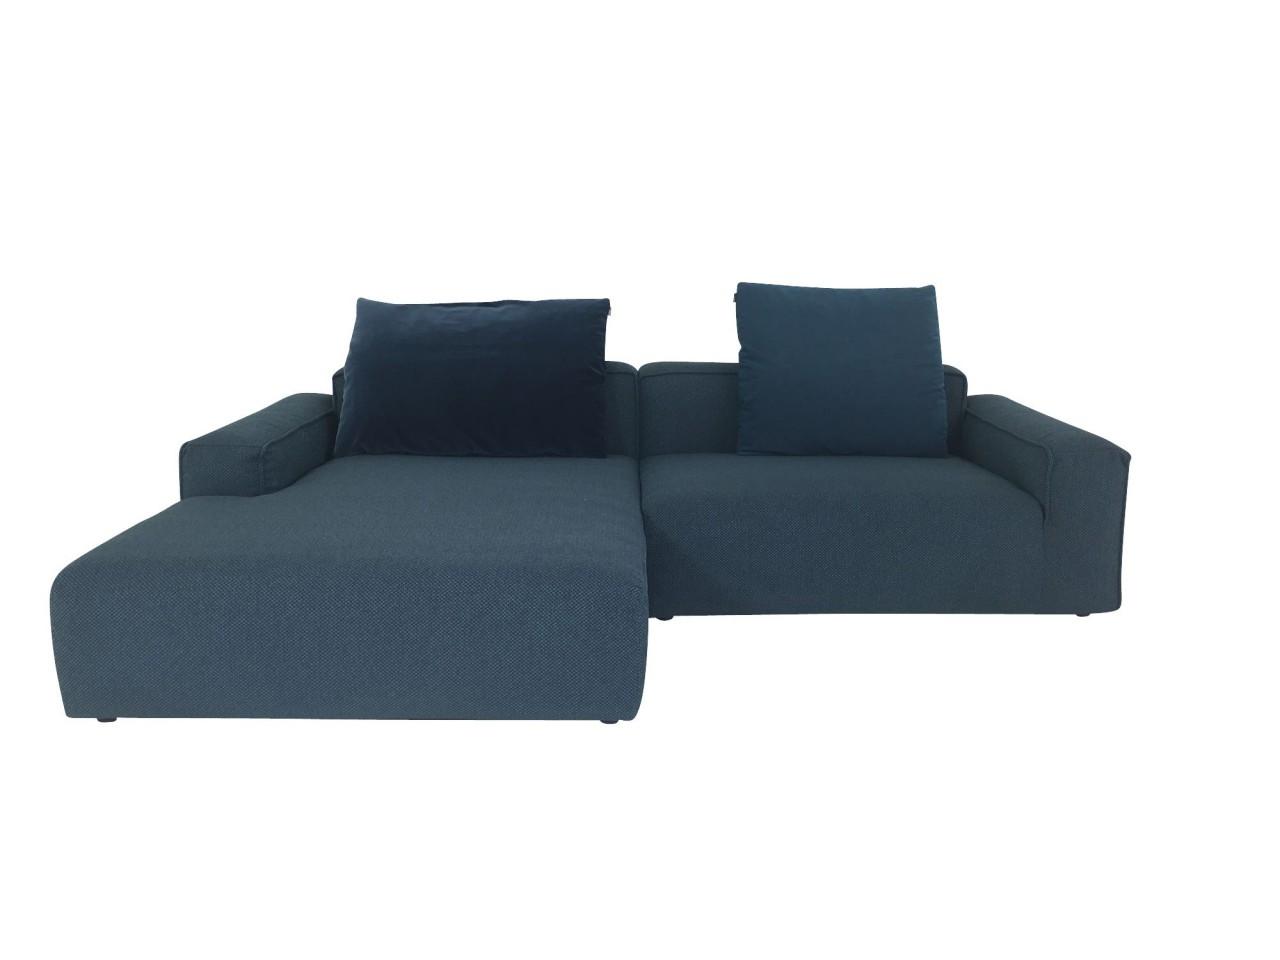 freistil 175 ROLF BENZ Sofa mit Recamiere links in Stoff azurblau mit kuscheligen Kissen